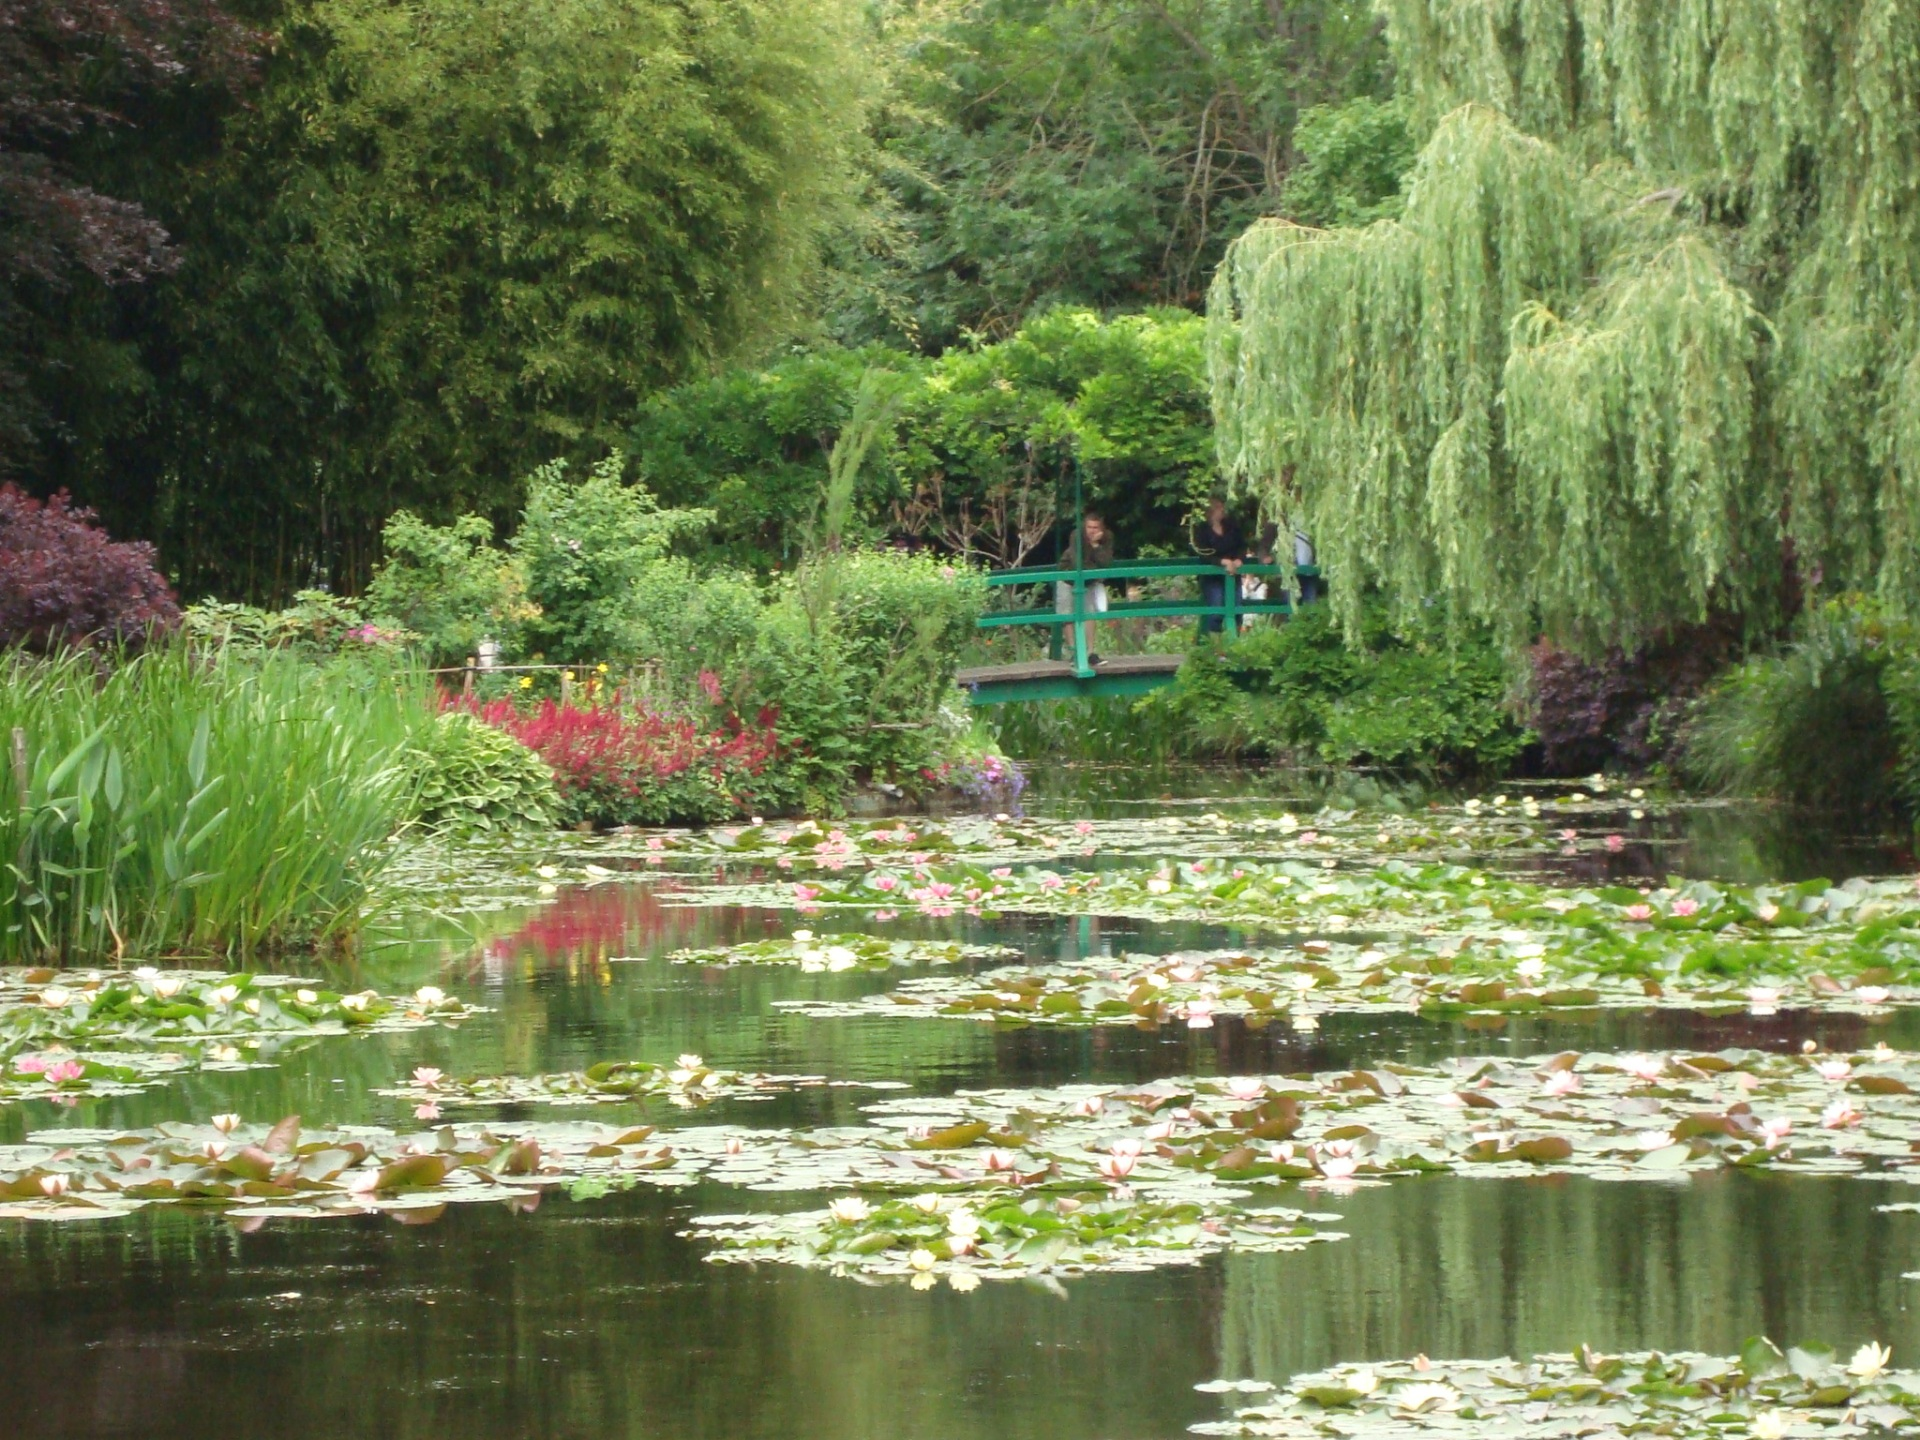 Estanque de nenúfares, tal como pintura impresionista que inspiró a Monet